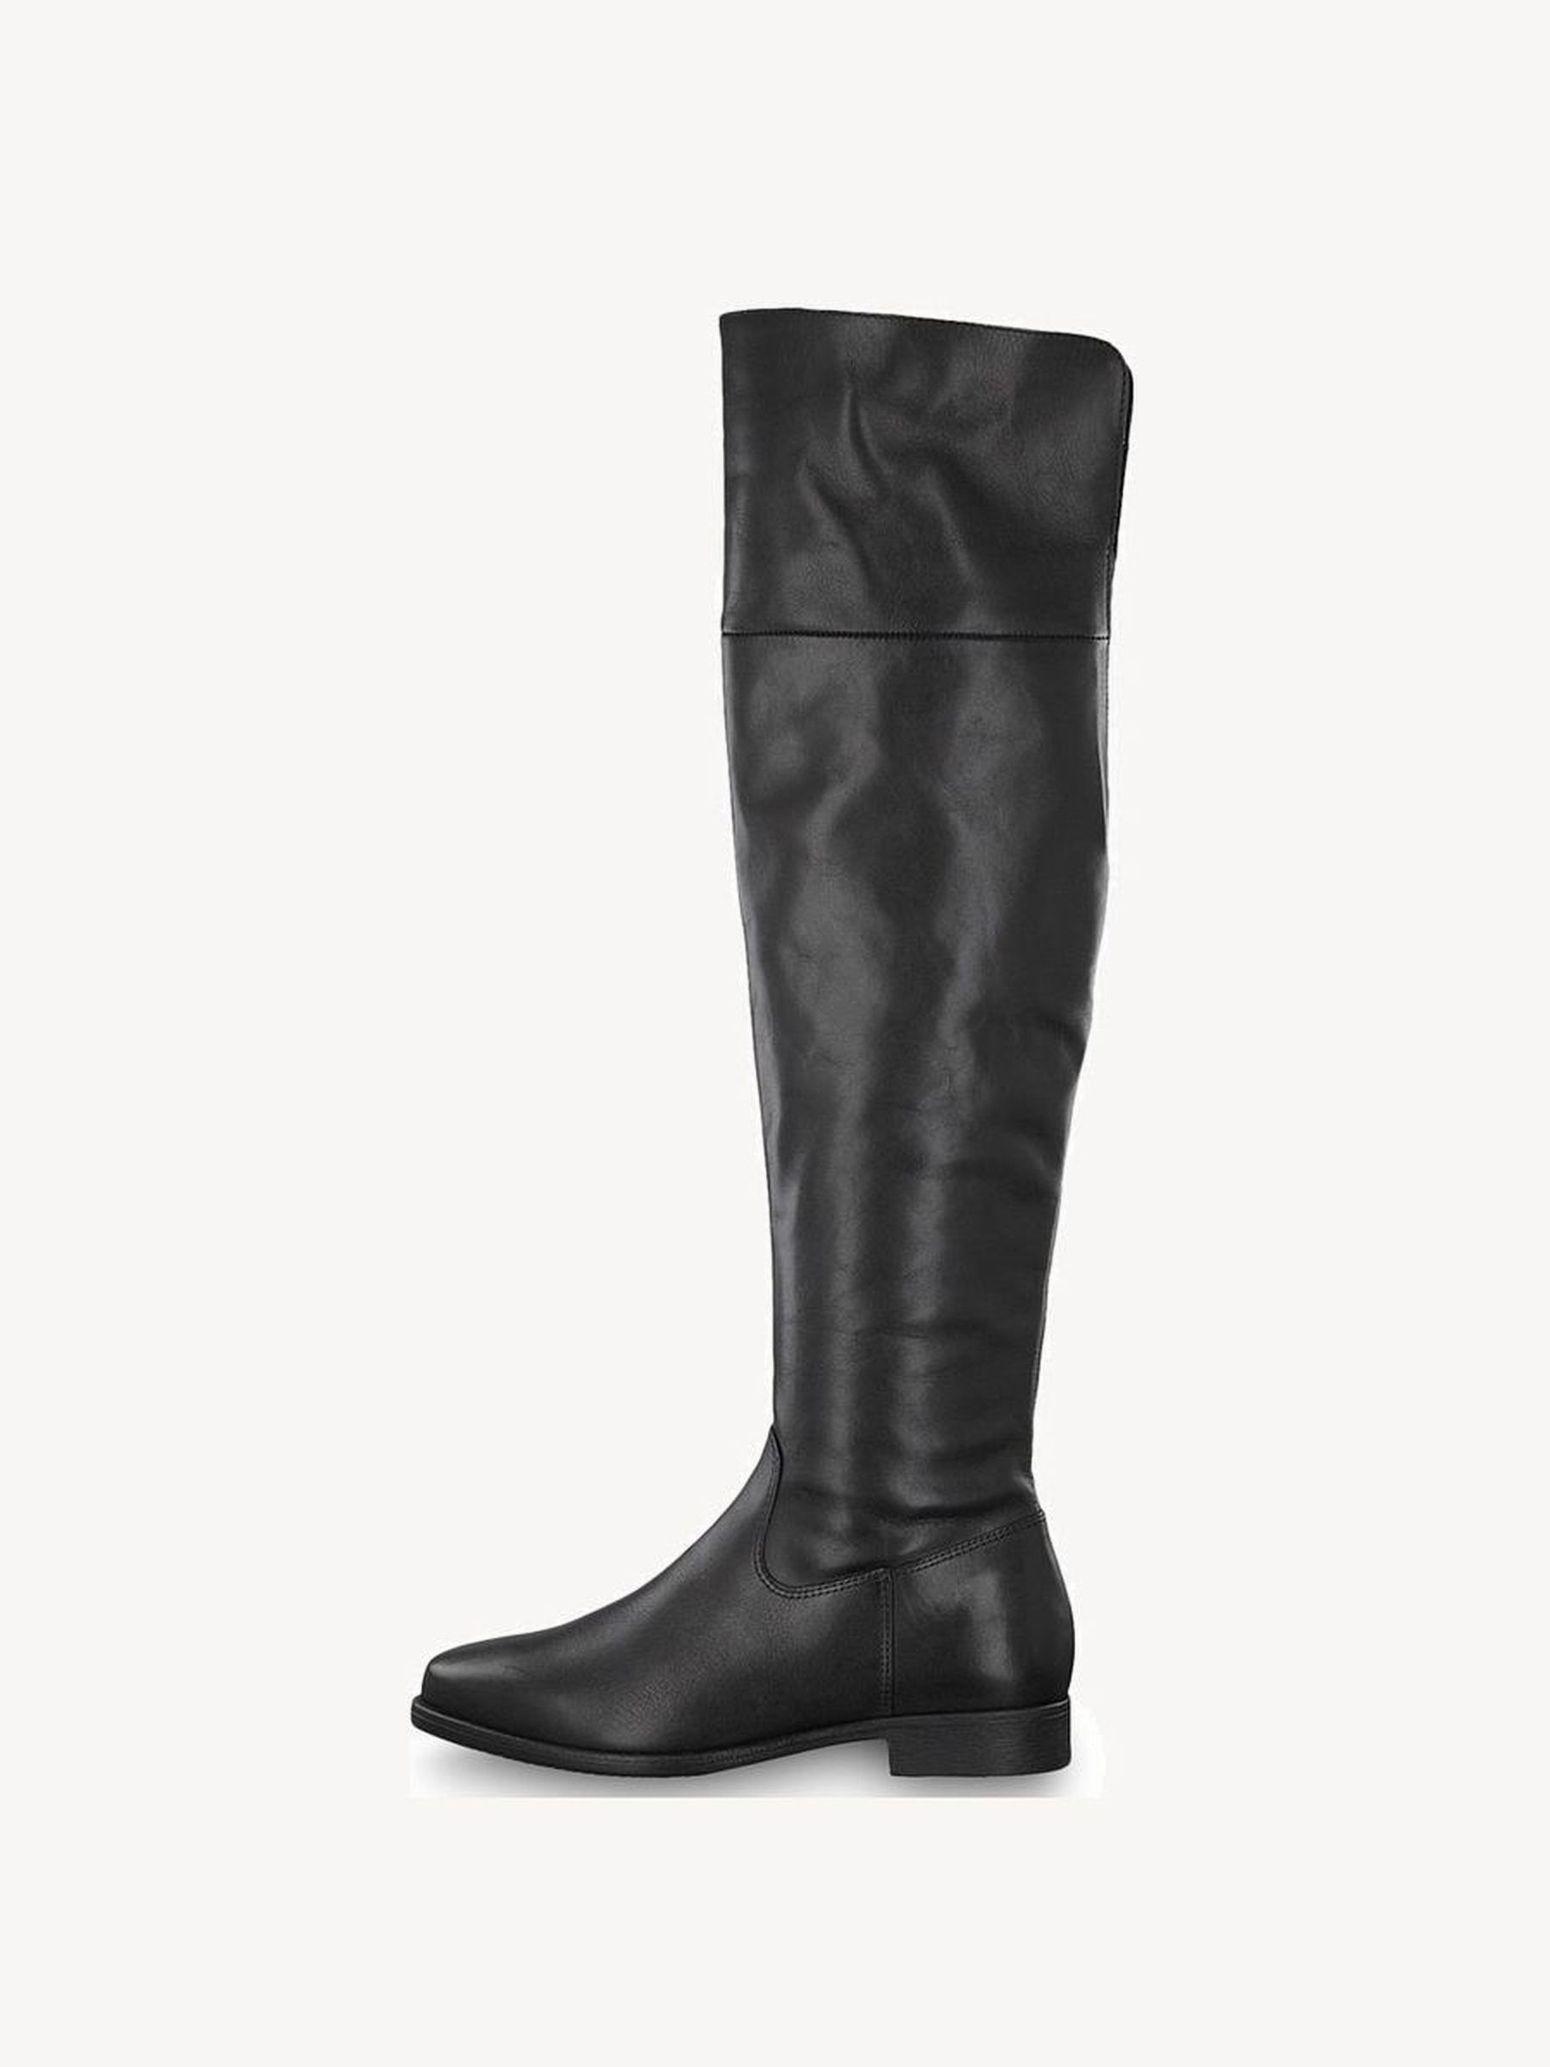 Overknee Overknee Anprobe Stiefel Anprobe Stiefel Stiefel Anprobe Overknee Overknee tshQCrdx